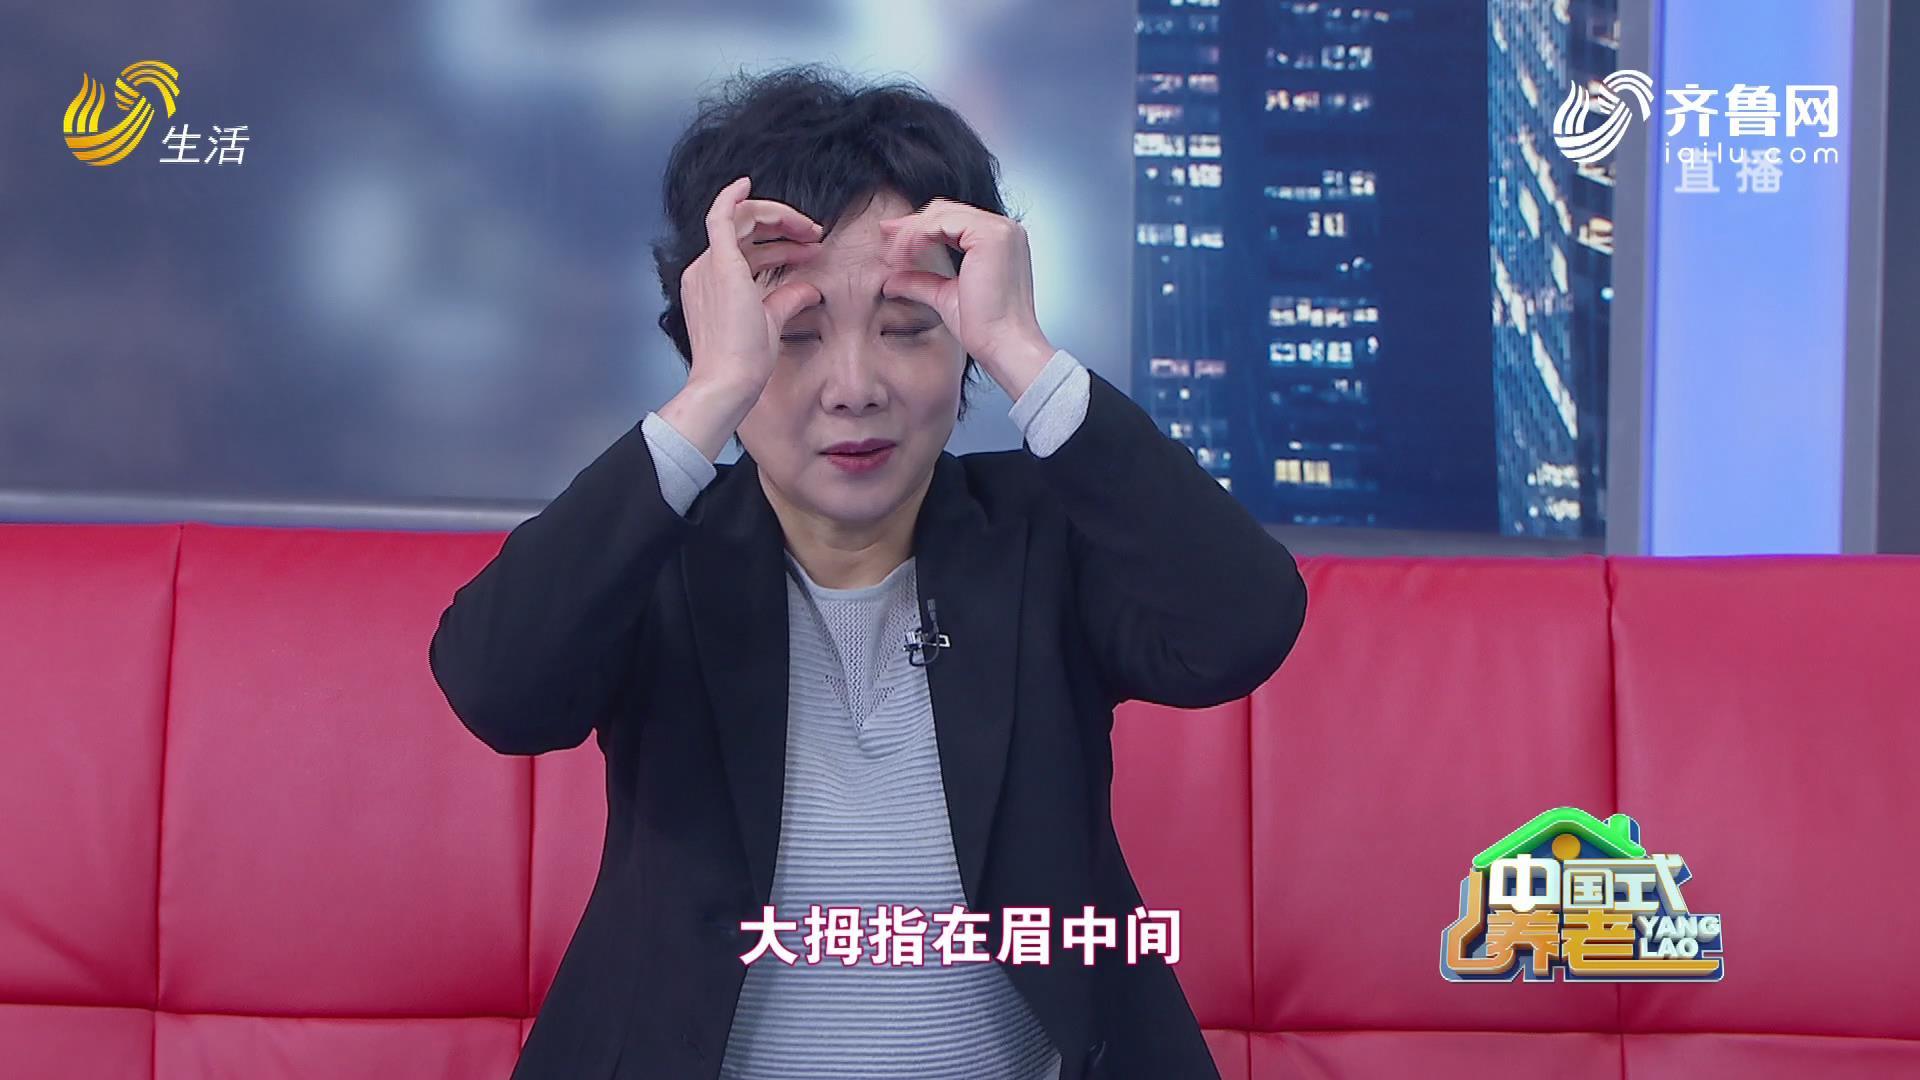 中国式养老-老年人爱眼护眼小贴士